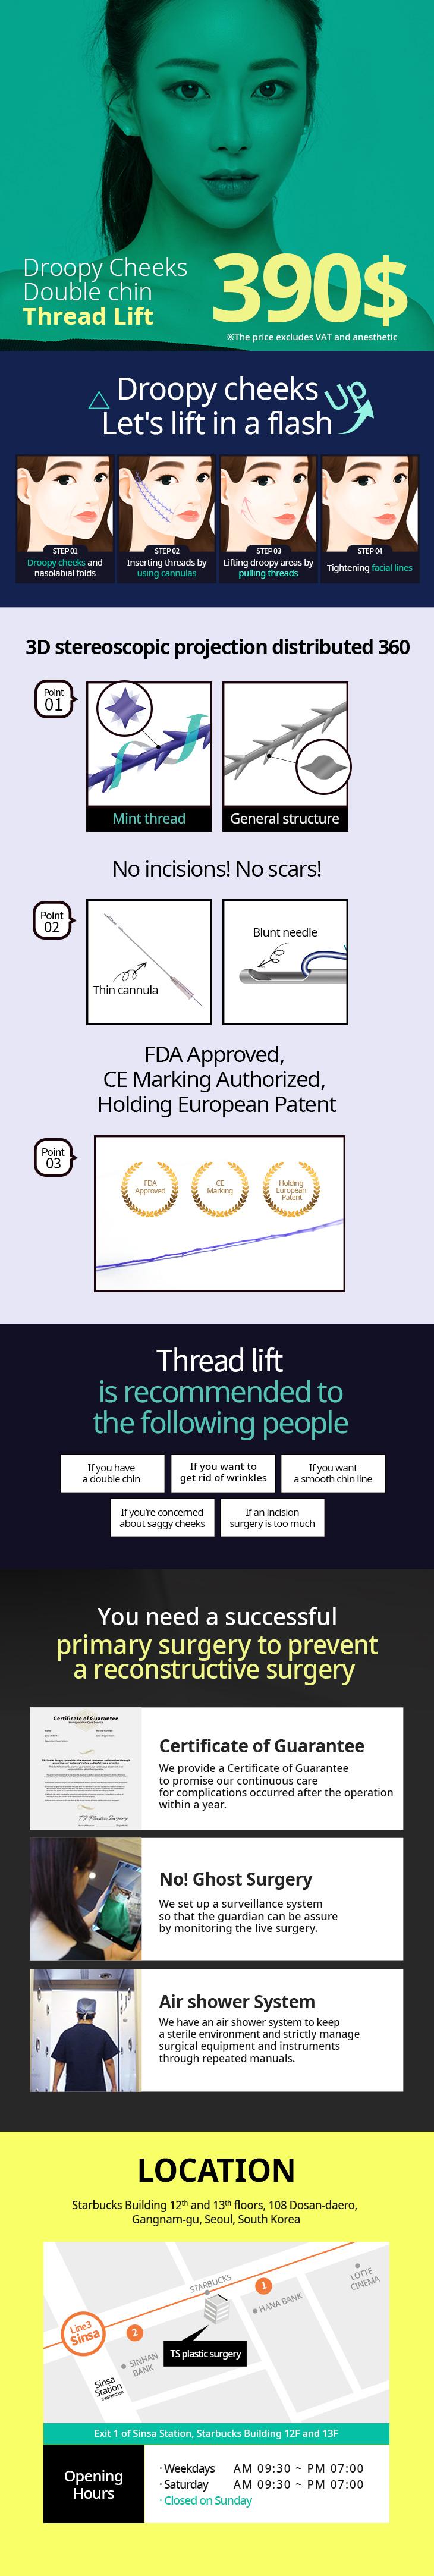 TS Mint Thread Lift